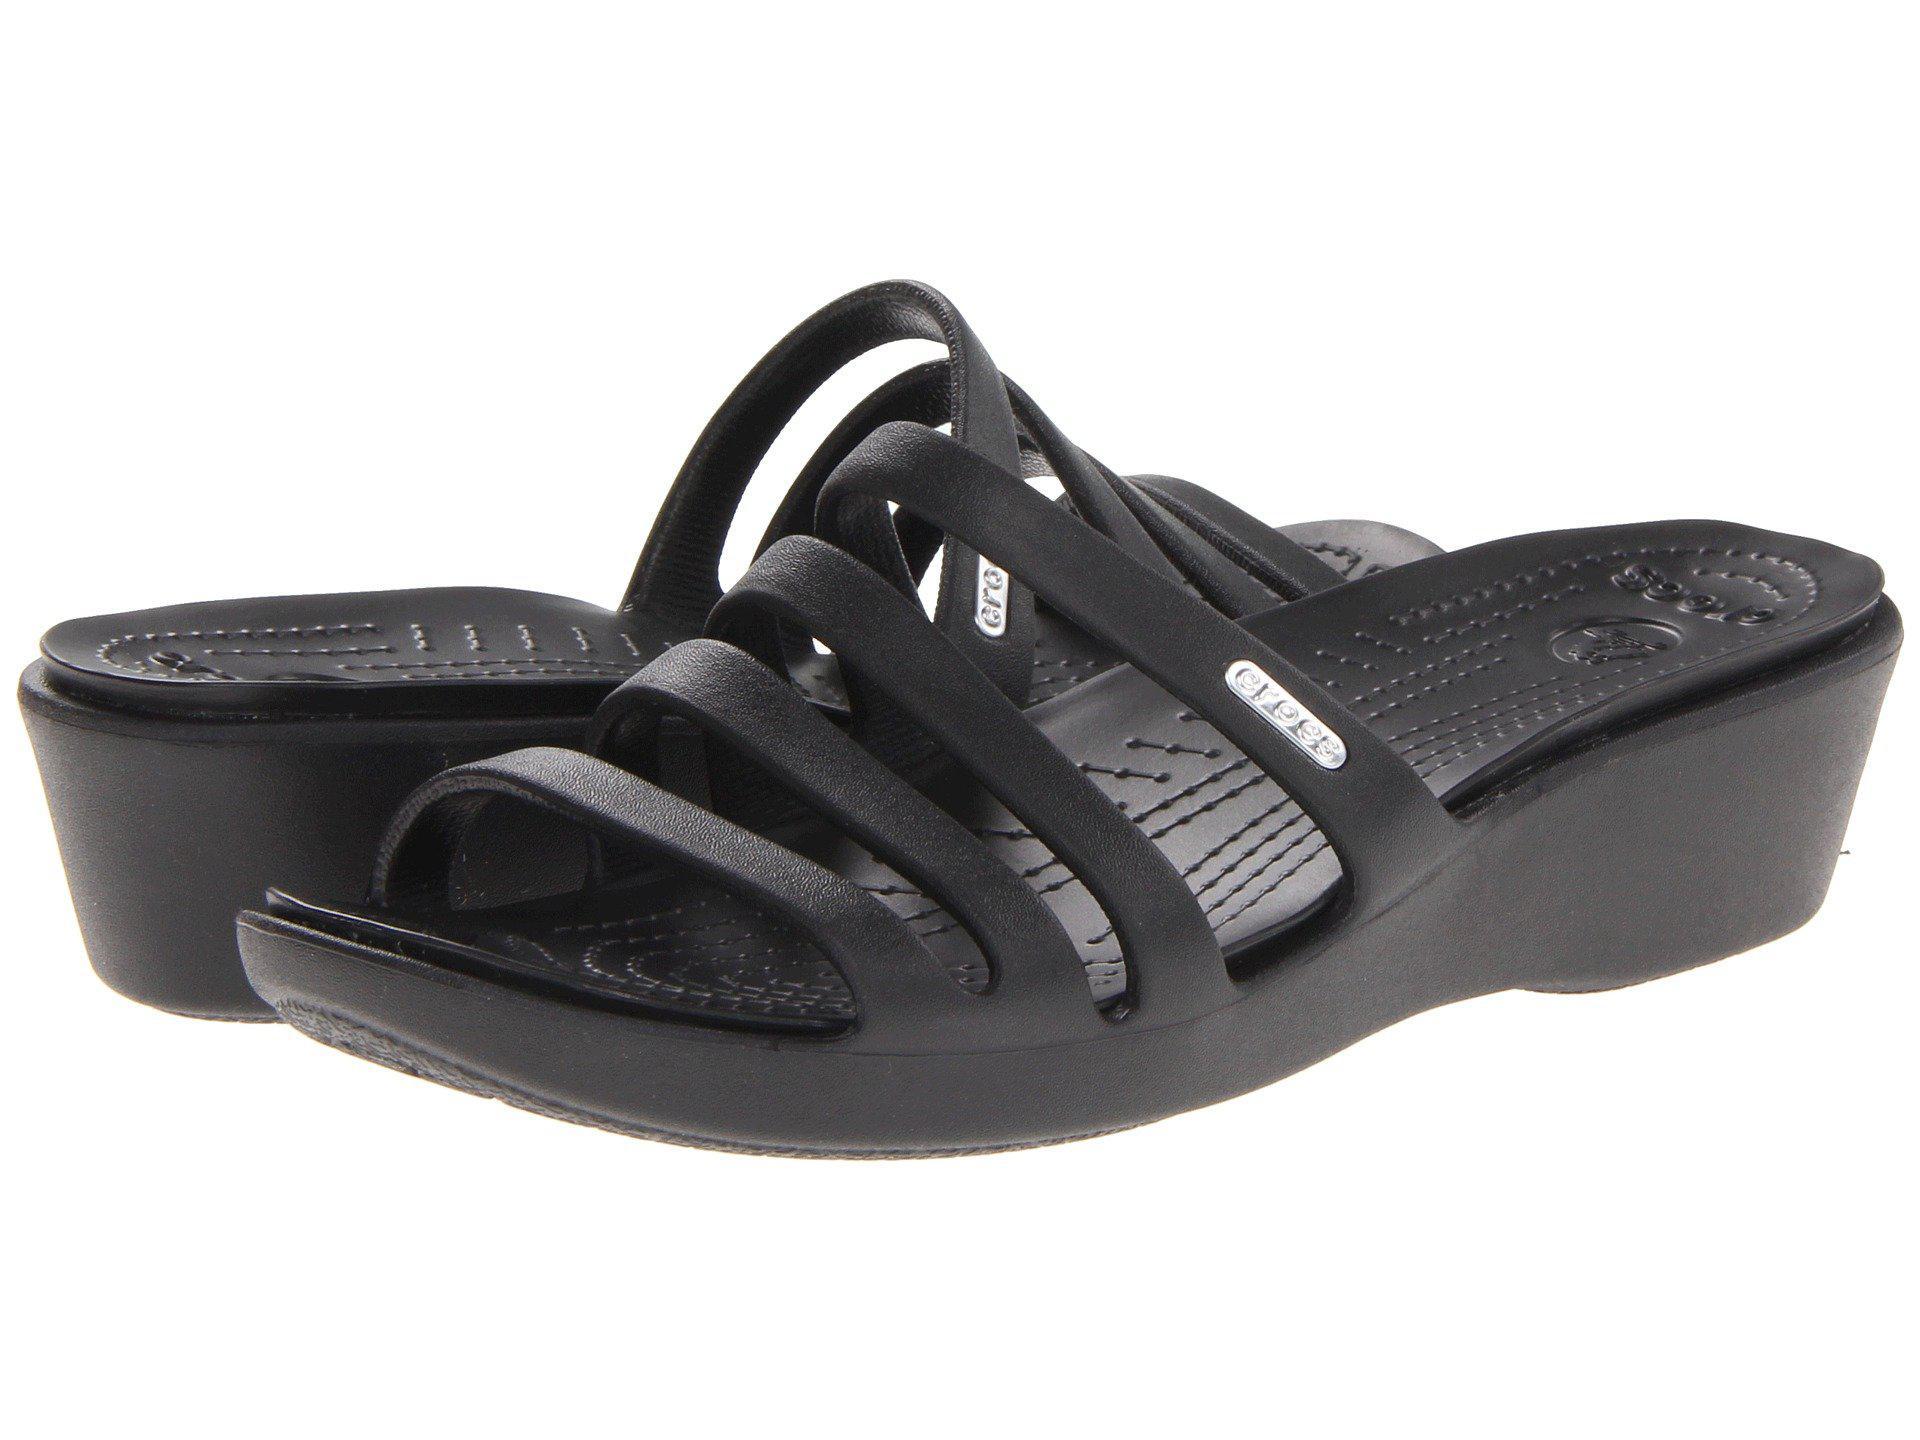 14ee4f0c142b Lyst - Crocs™ Rhonda Wedge Sandal in Black